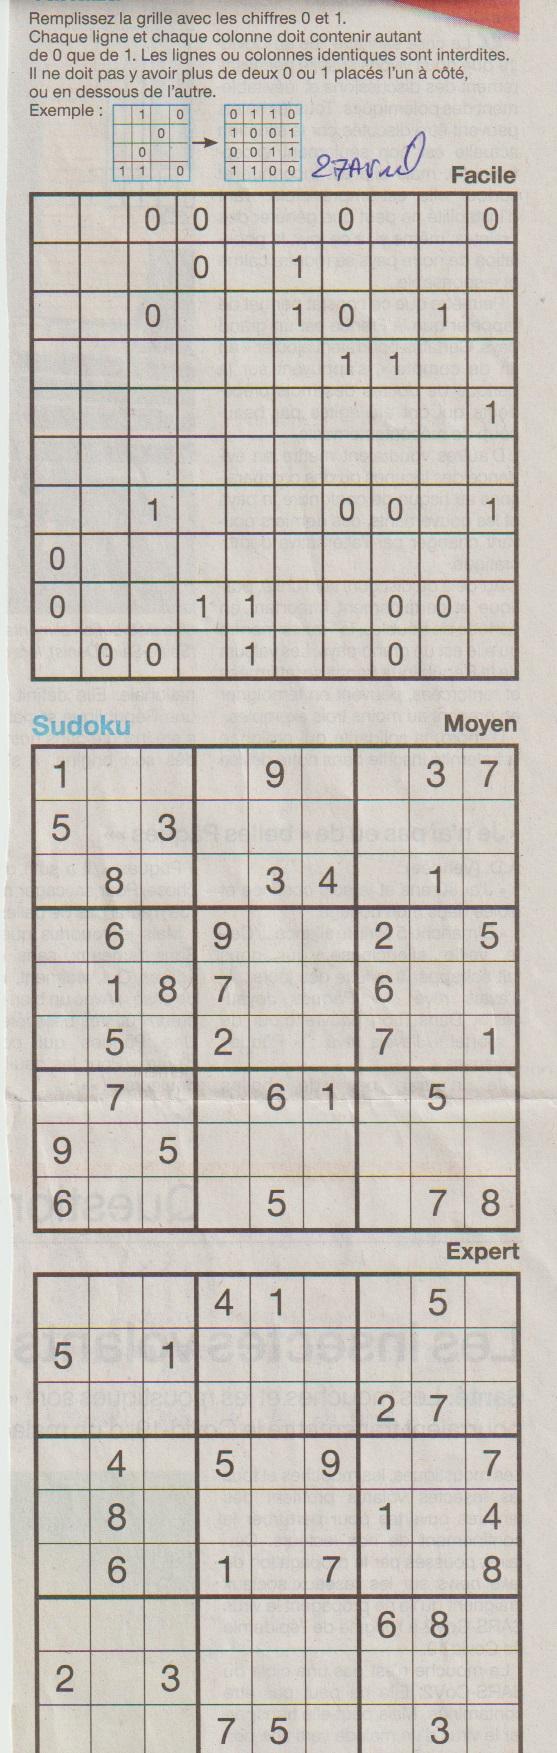 [Jeux] JEUX OUEST FRANCE du 2 Avril 2020 pour passer le temps - Page 3 Sudoku29